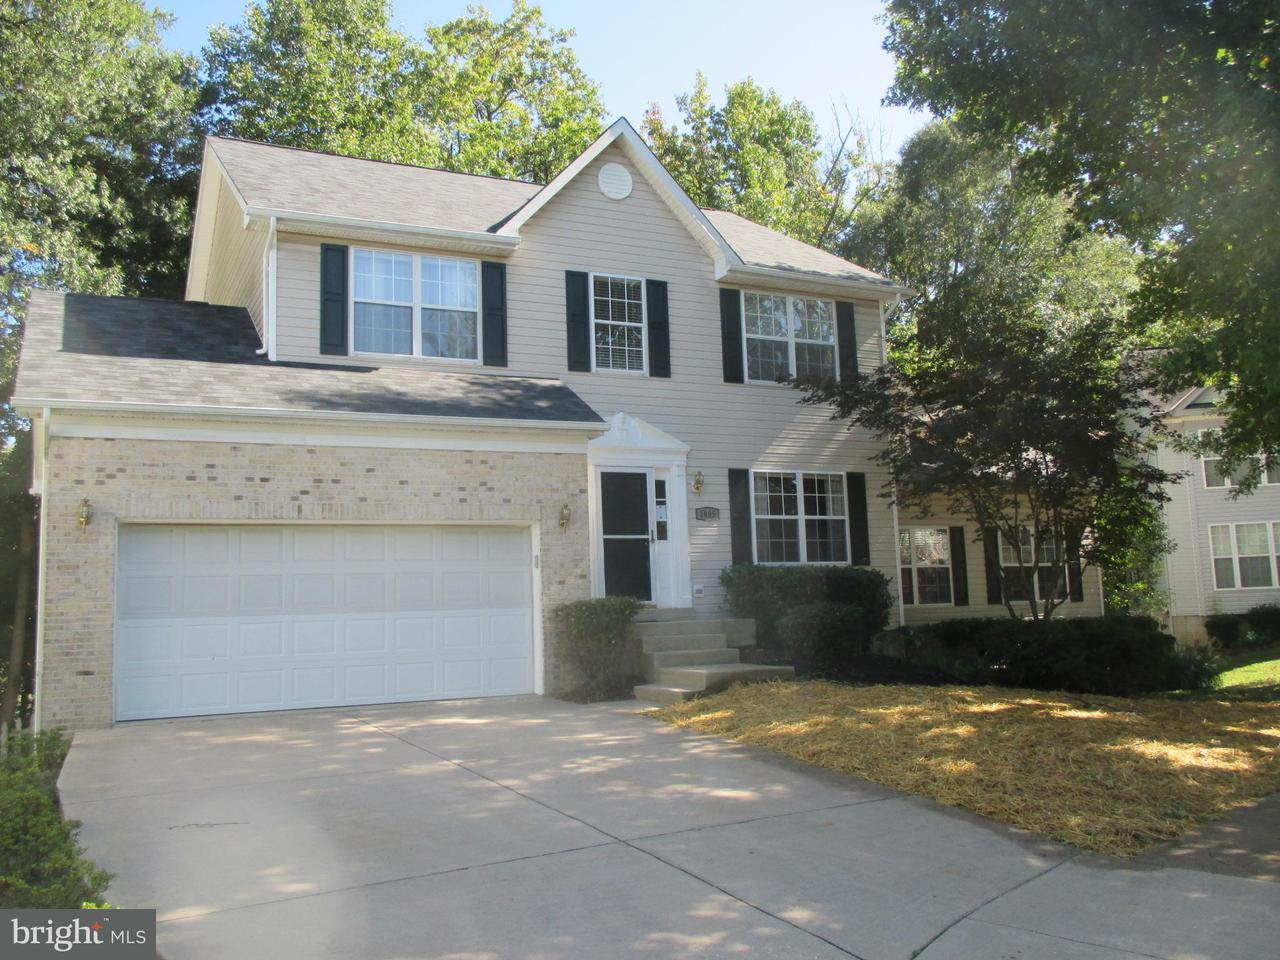 獨棟家庭住宅 為 出售 在 1805 HILLBURNE WAY 1805 HILLBURNE WAY Crofton, 馬里蘭州 21114 美國